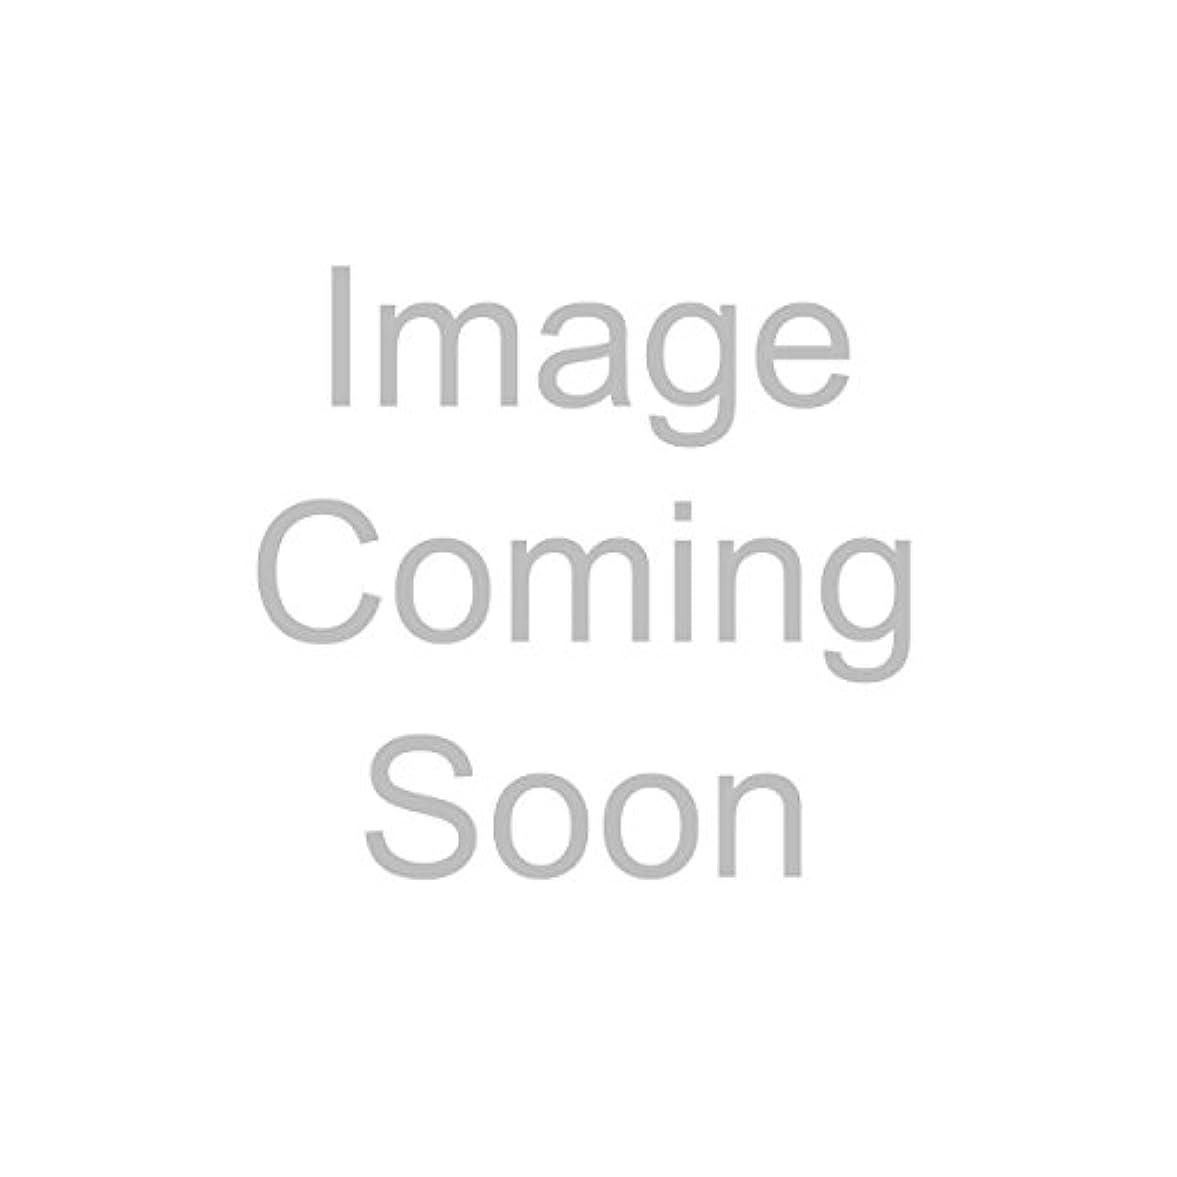 オセアニア地下室有名なナルシソ ロドリゲス フォーハー シャワージェル 200ml/6.7oz 200ml/6.7oz